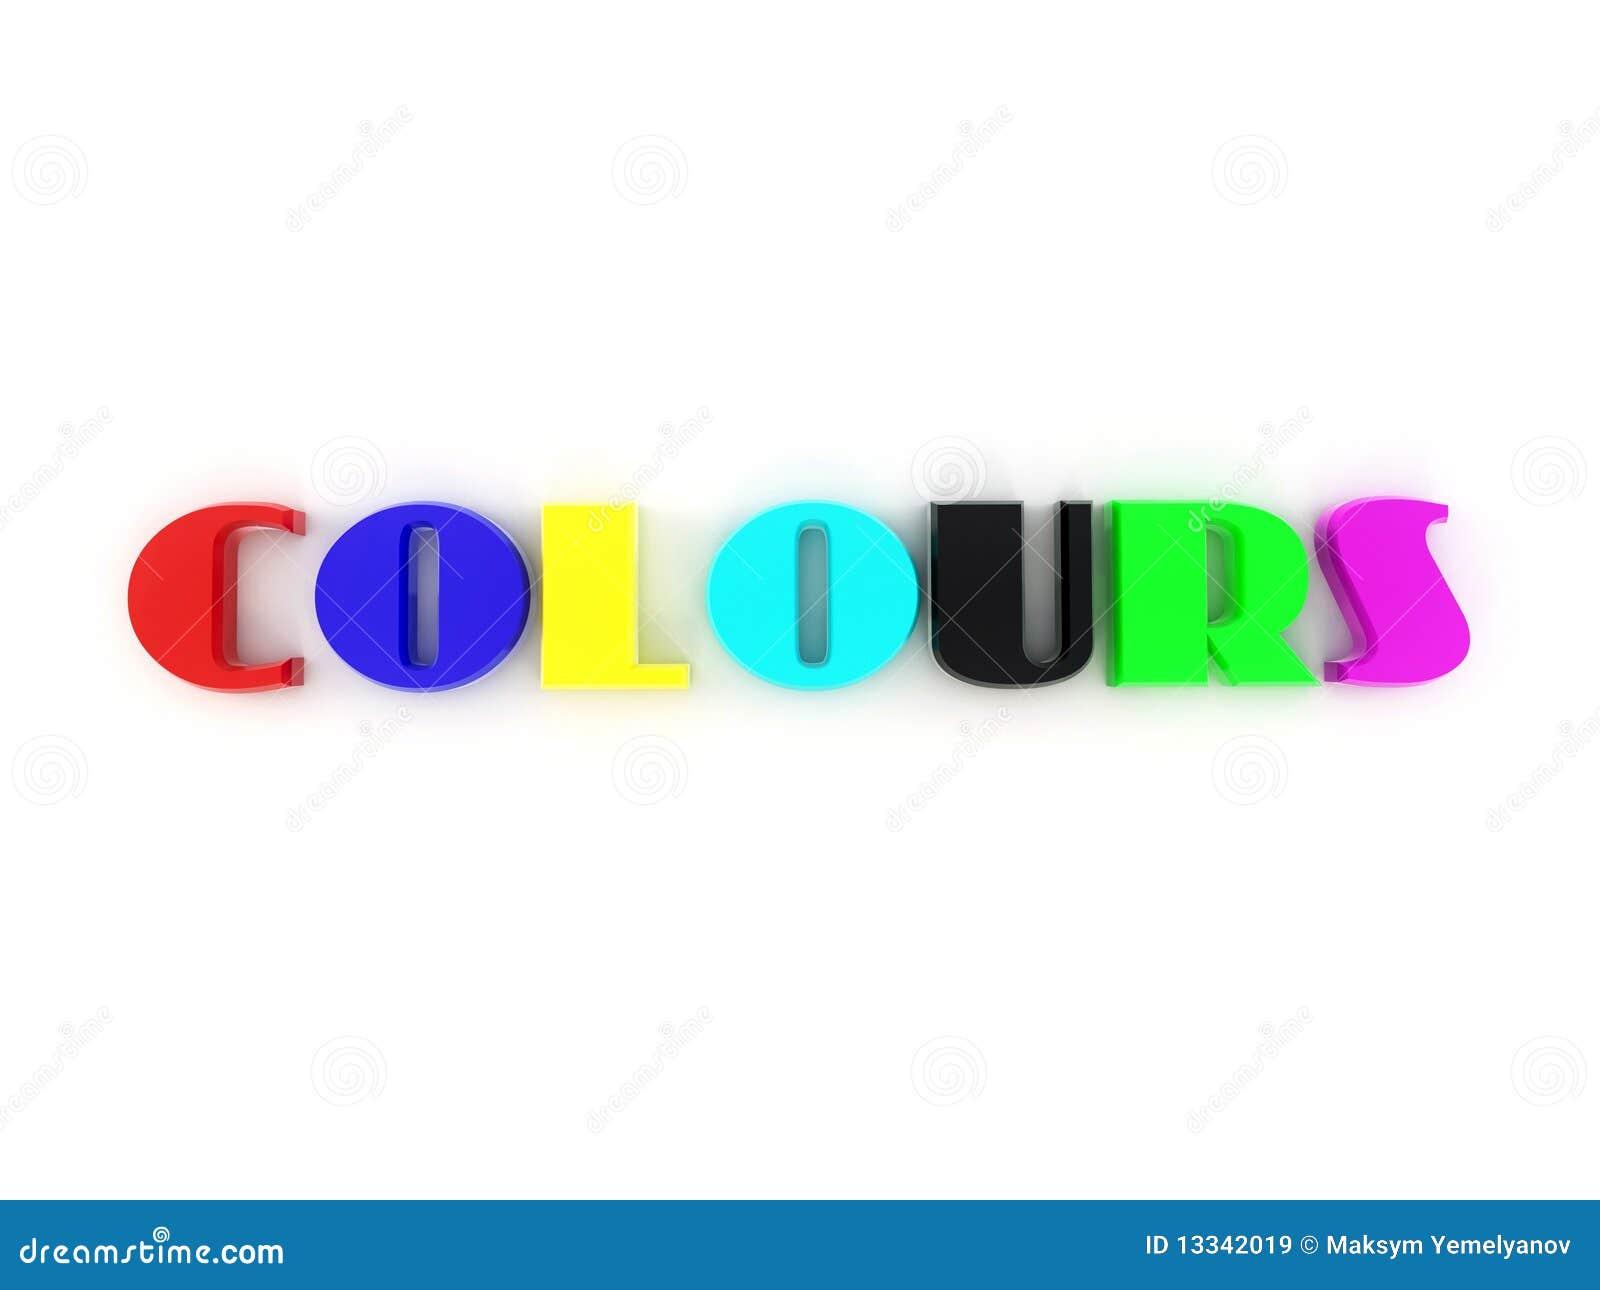 Colori. 3d